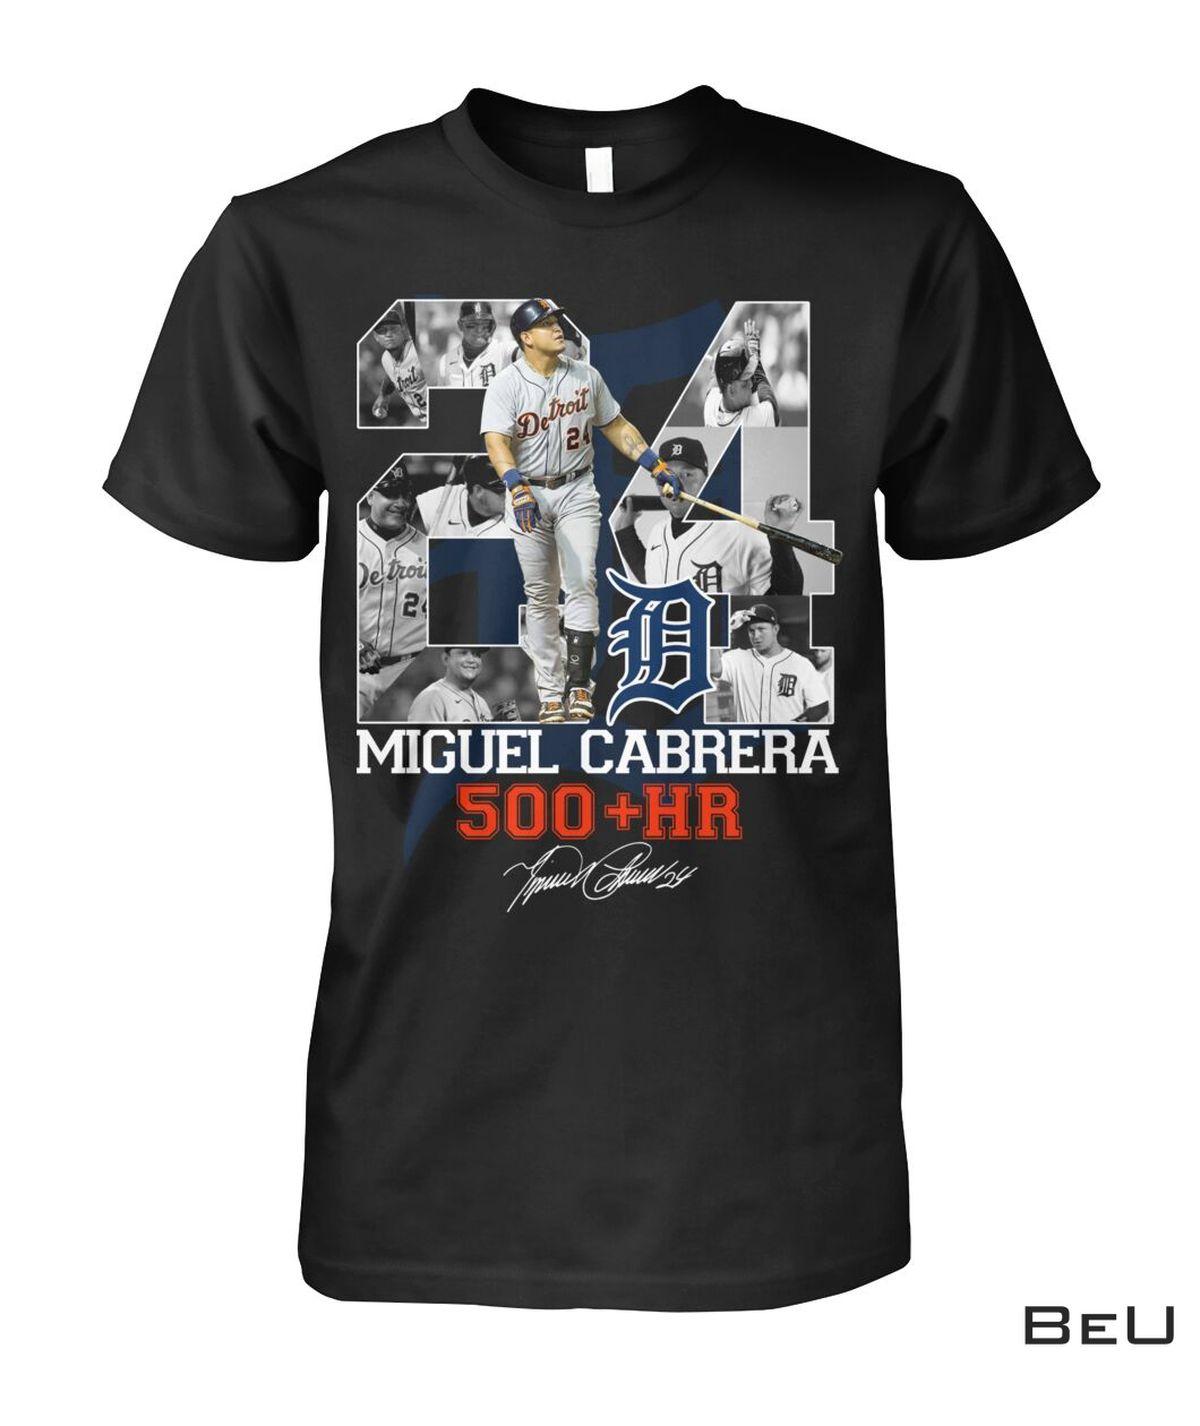 01 Miguel Cabrera 500+ Hr Shirt